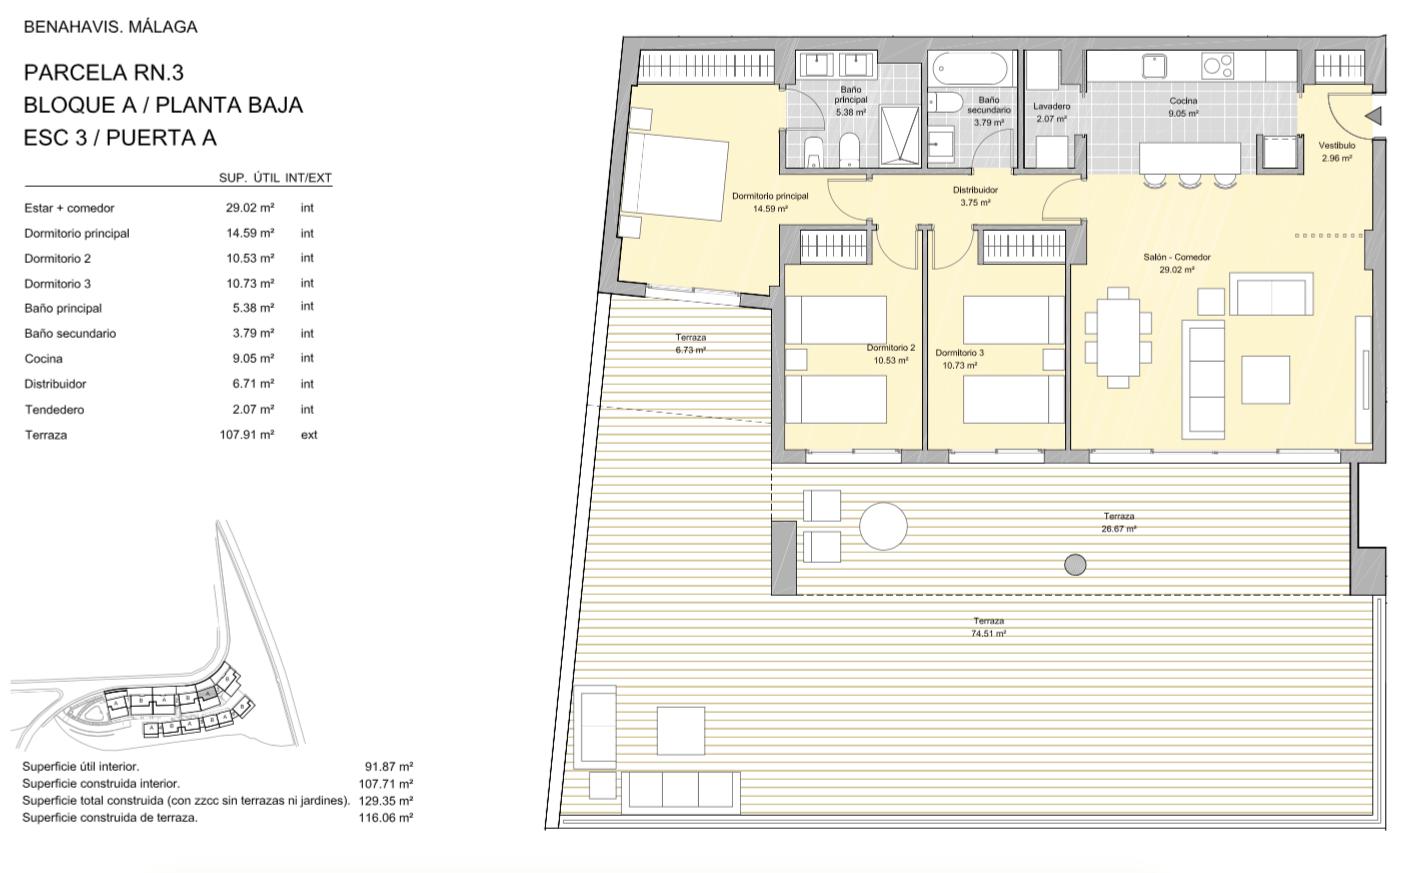 alborada homes benahavis golf la quinta moderne appartementen penthouses te koop grondplan RN3 30A gelijkvloers 3bed